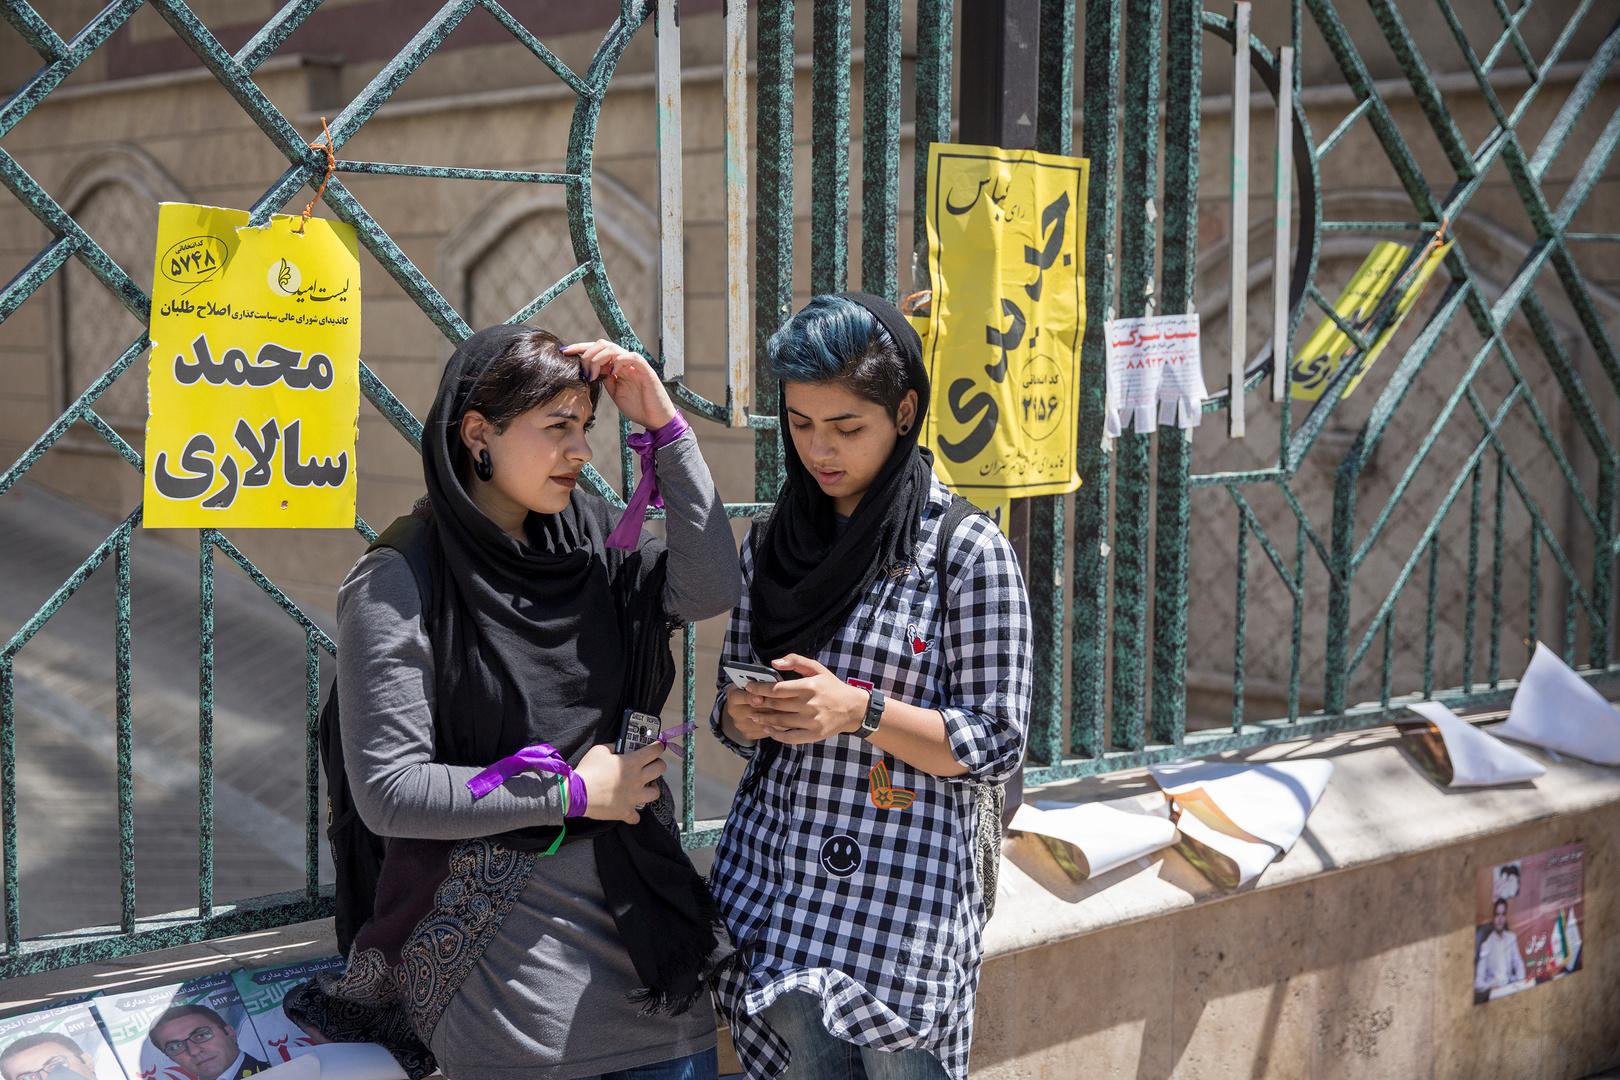 حذف صور الفتيات من كتاب مدرسي يثير غضب الإيرانيين